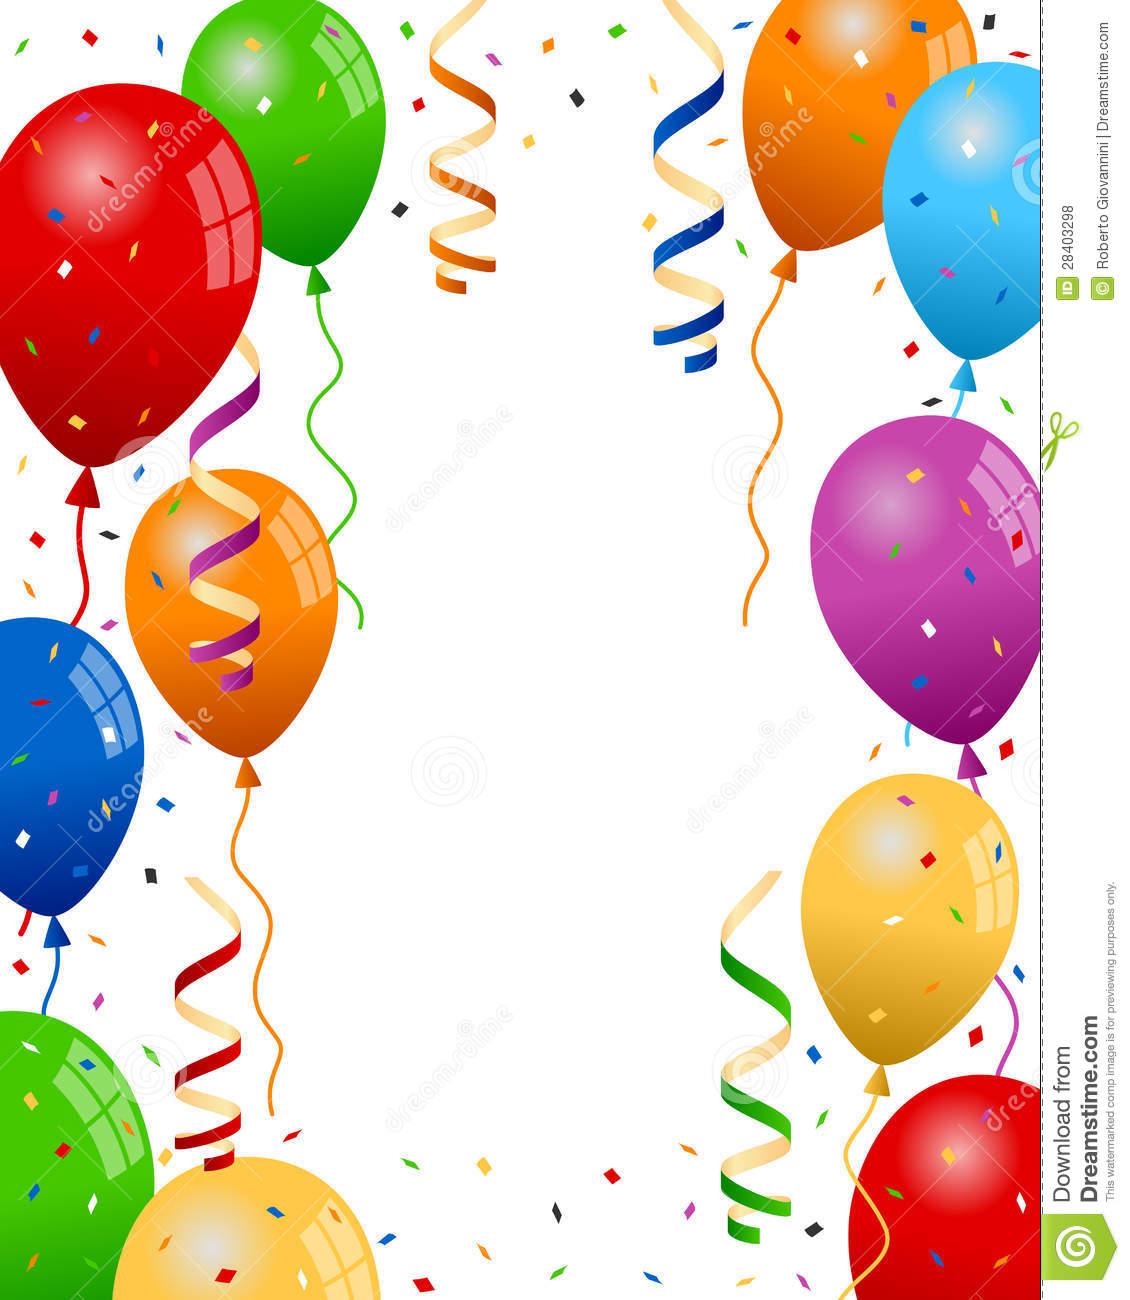 2418 Confetti free clipart.